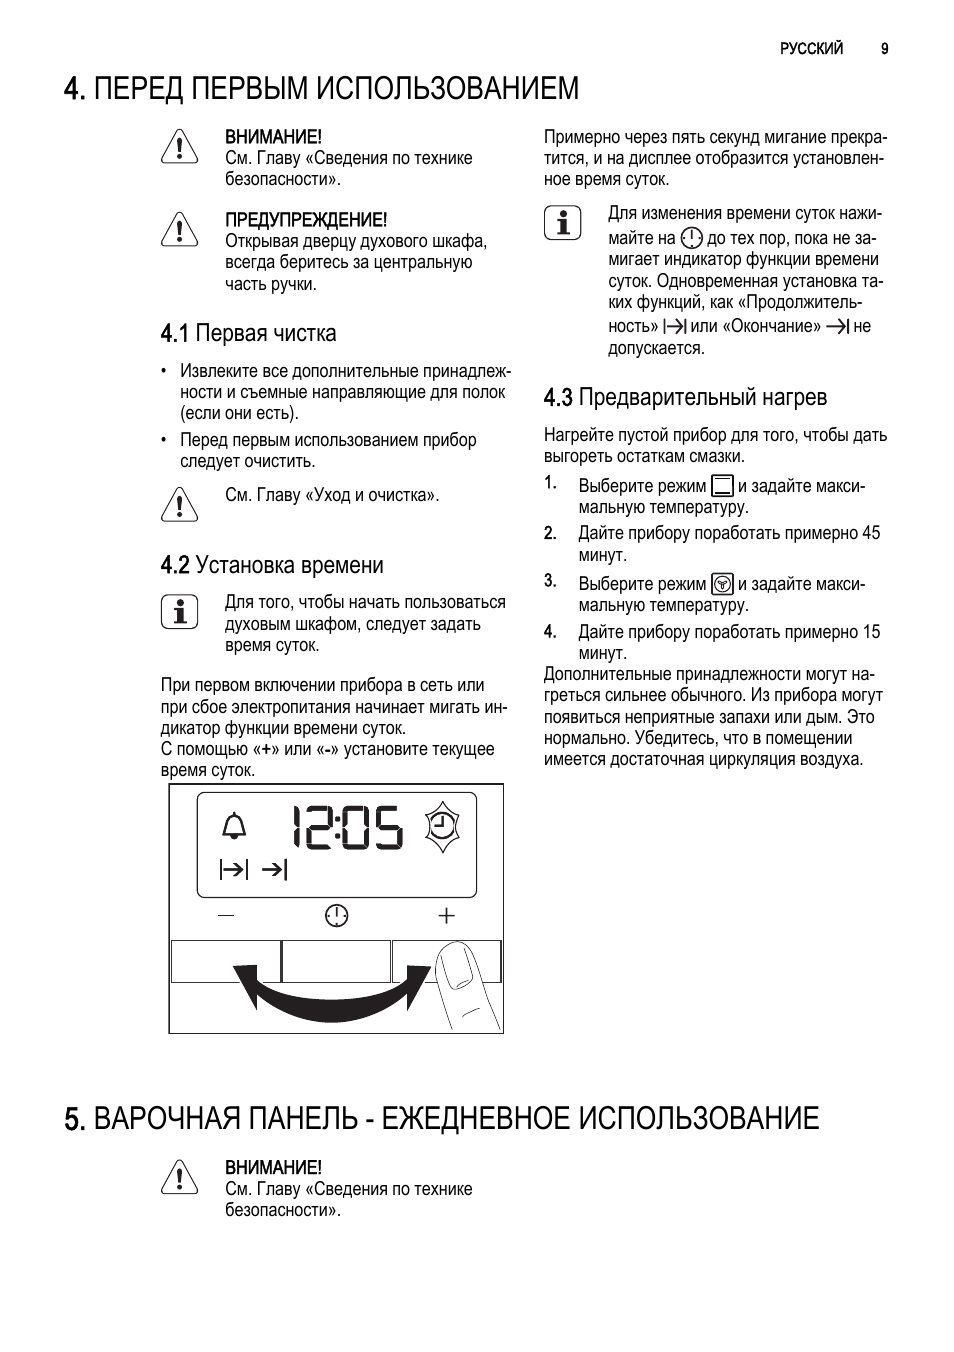 Инструкция по применению электролюкс